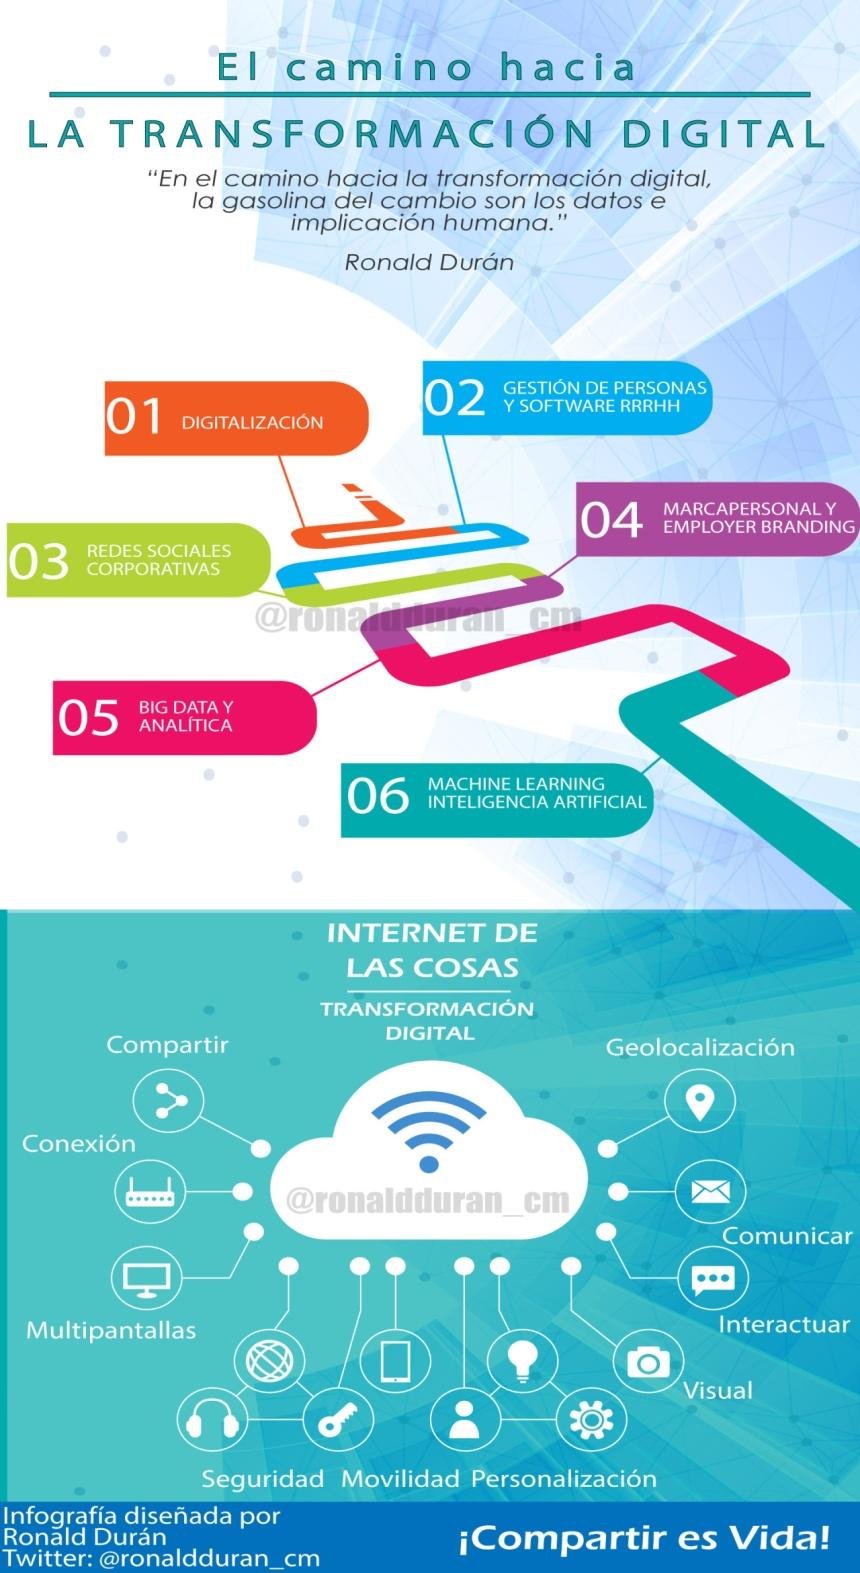 El camino a la Transformación Digital